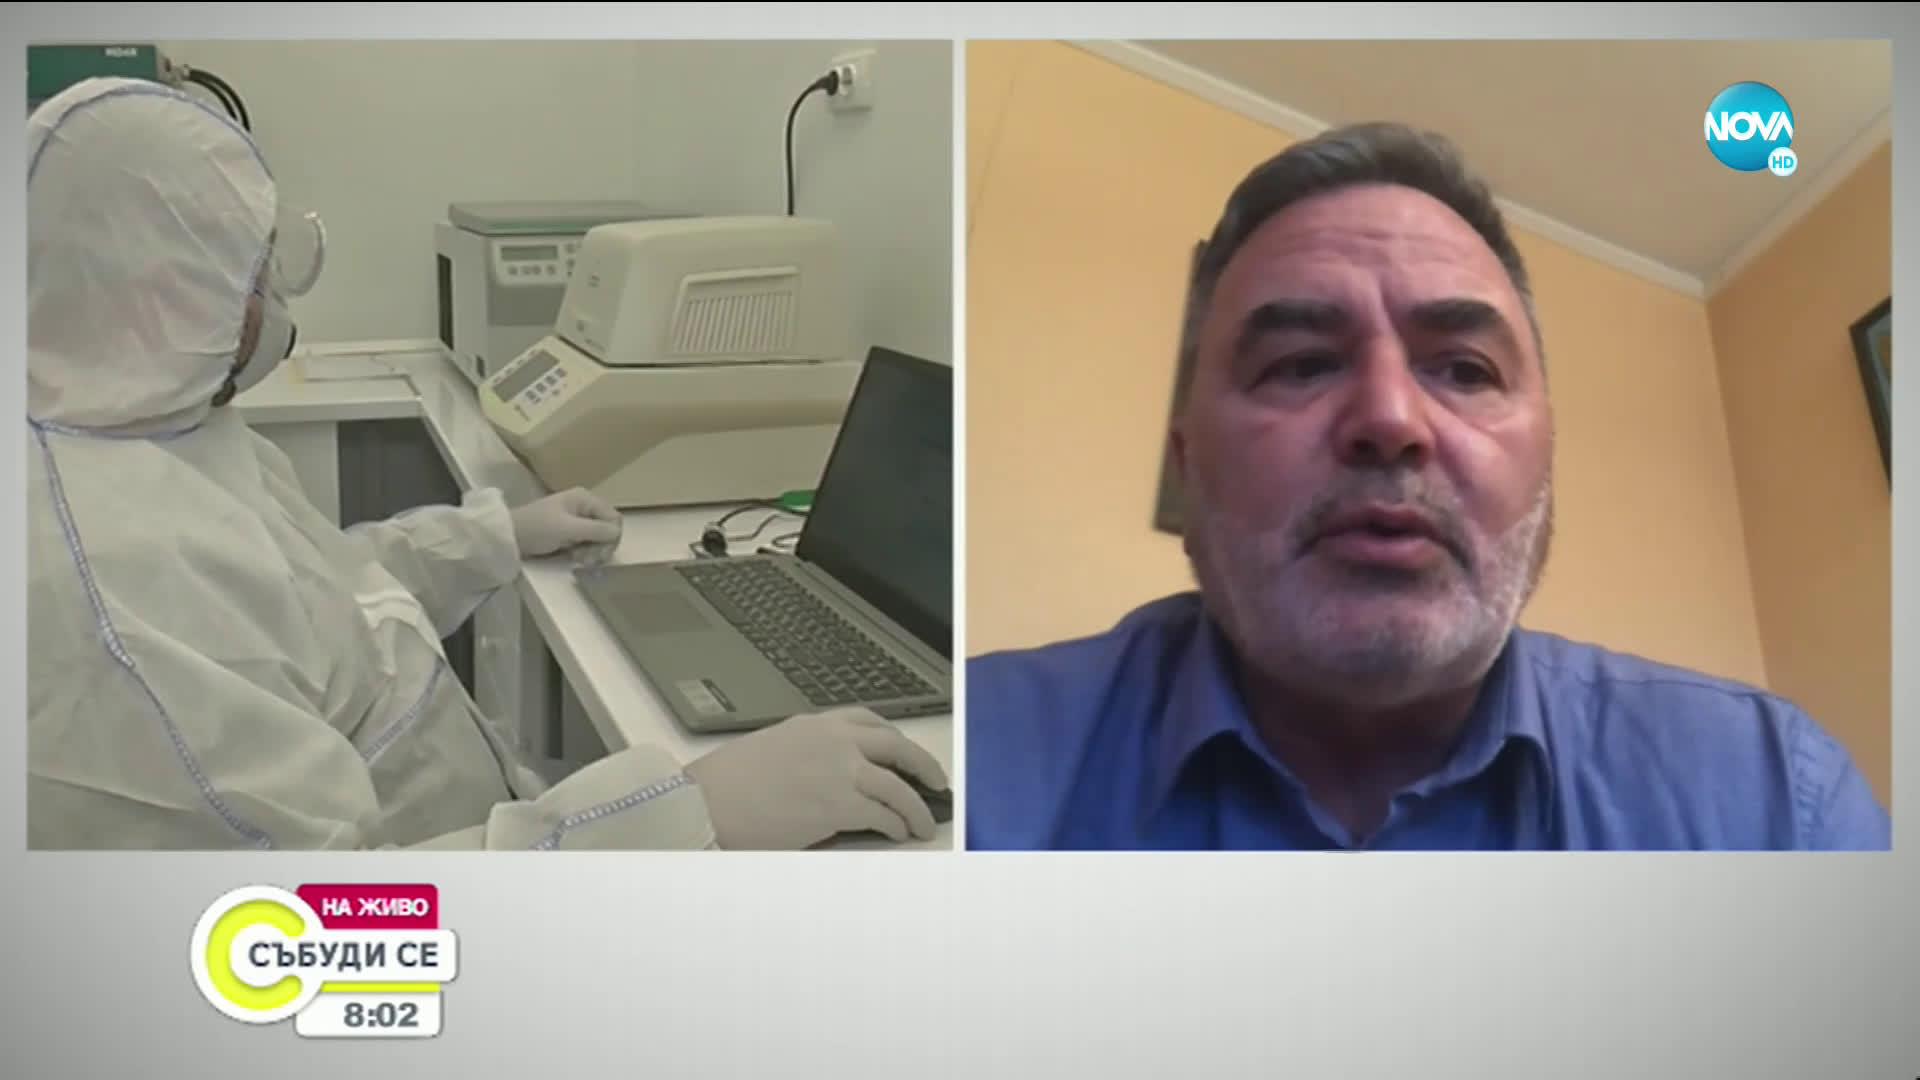 Кунчев: Можем да ограничим огнищата на коронавирус без да прибягваме към крайни мерки